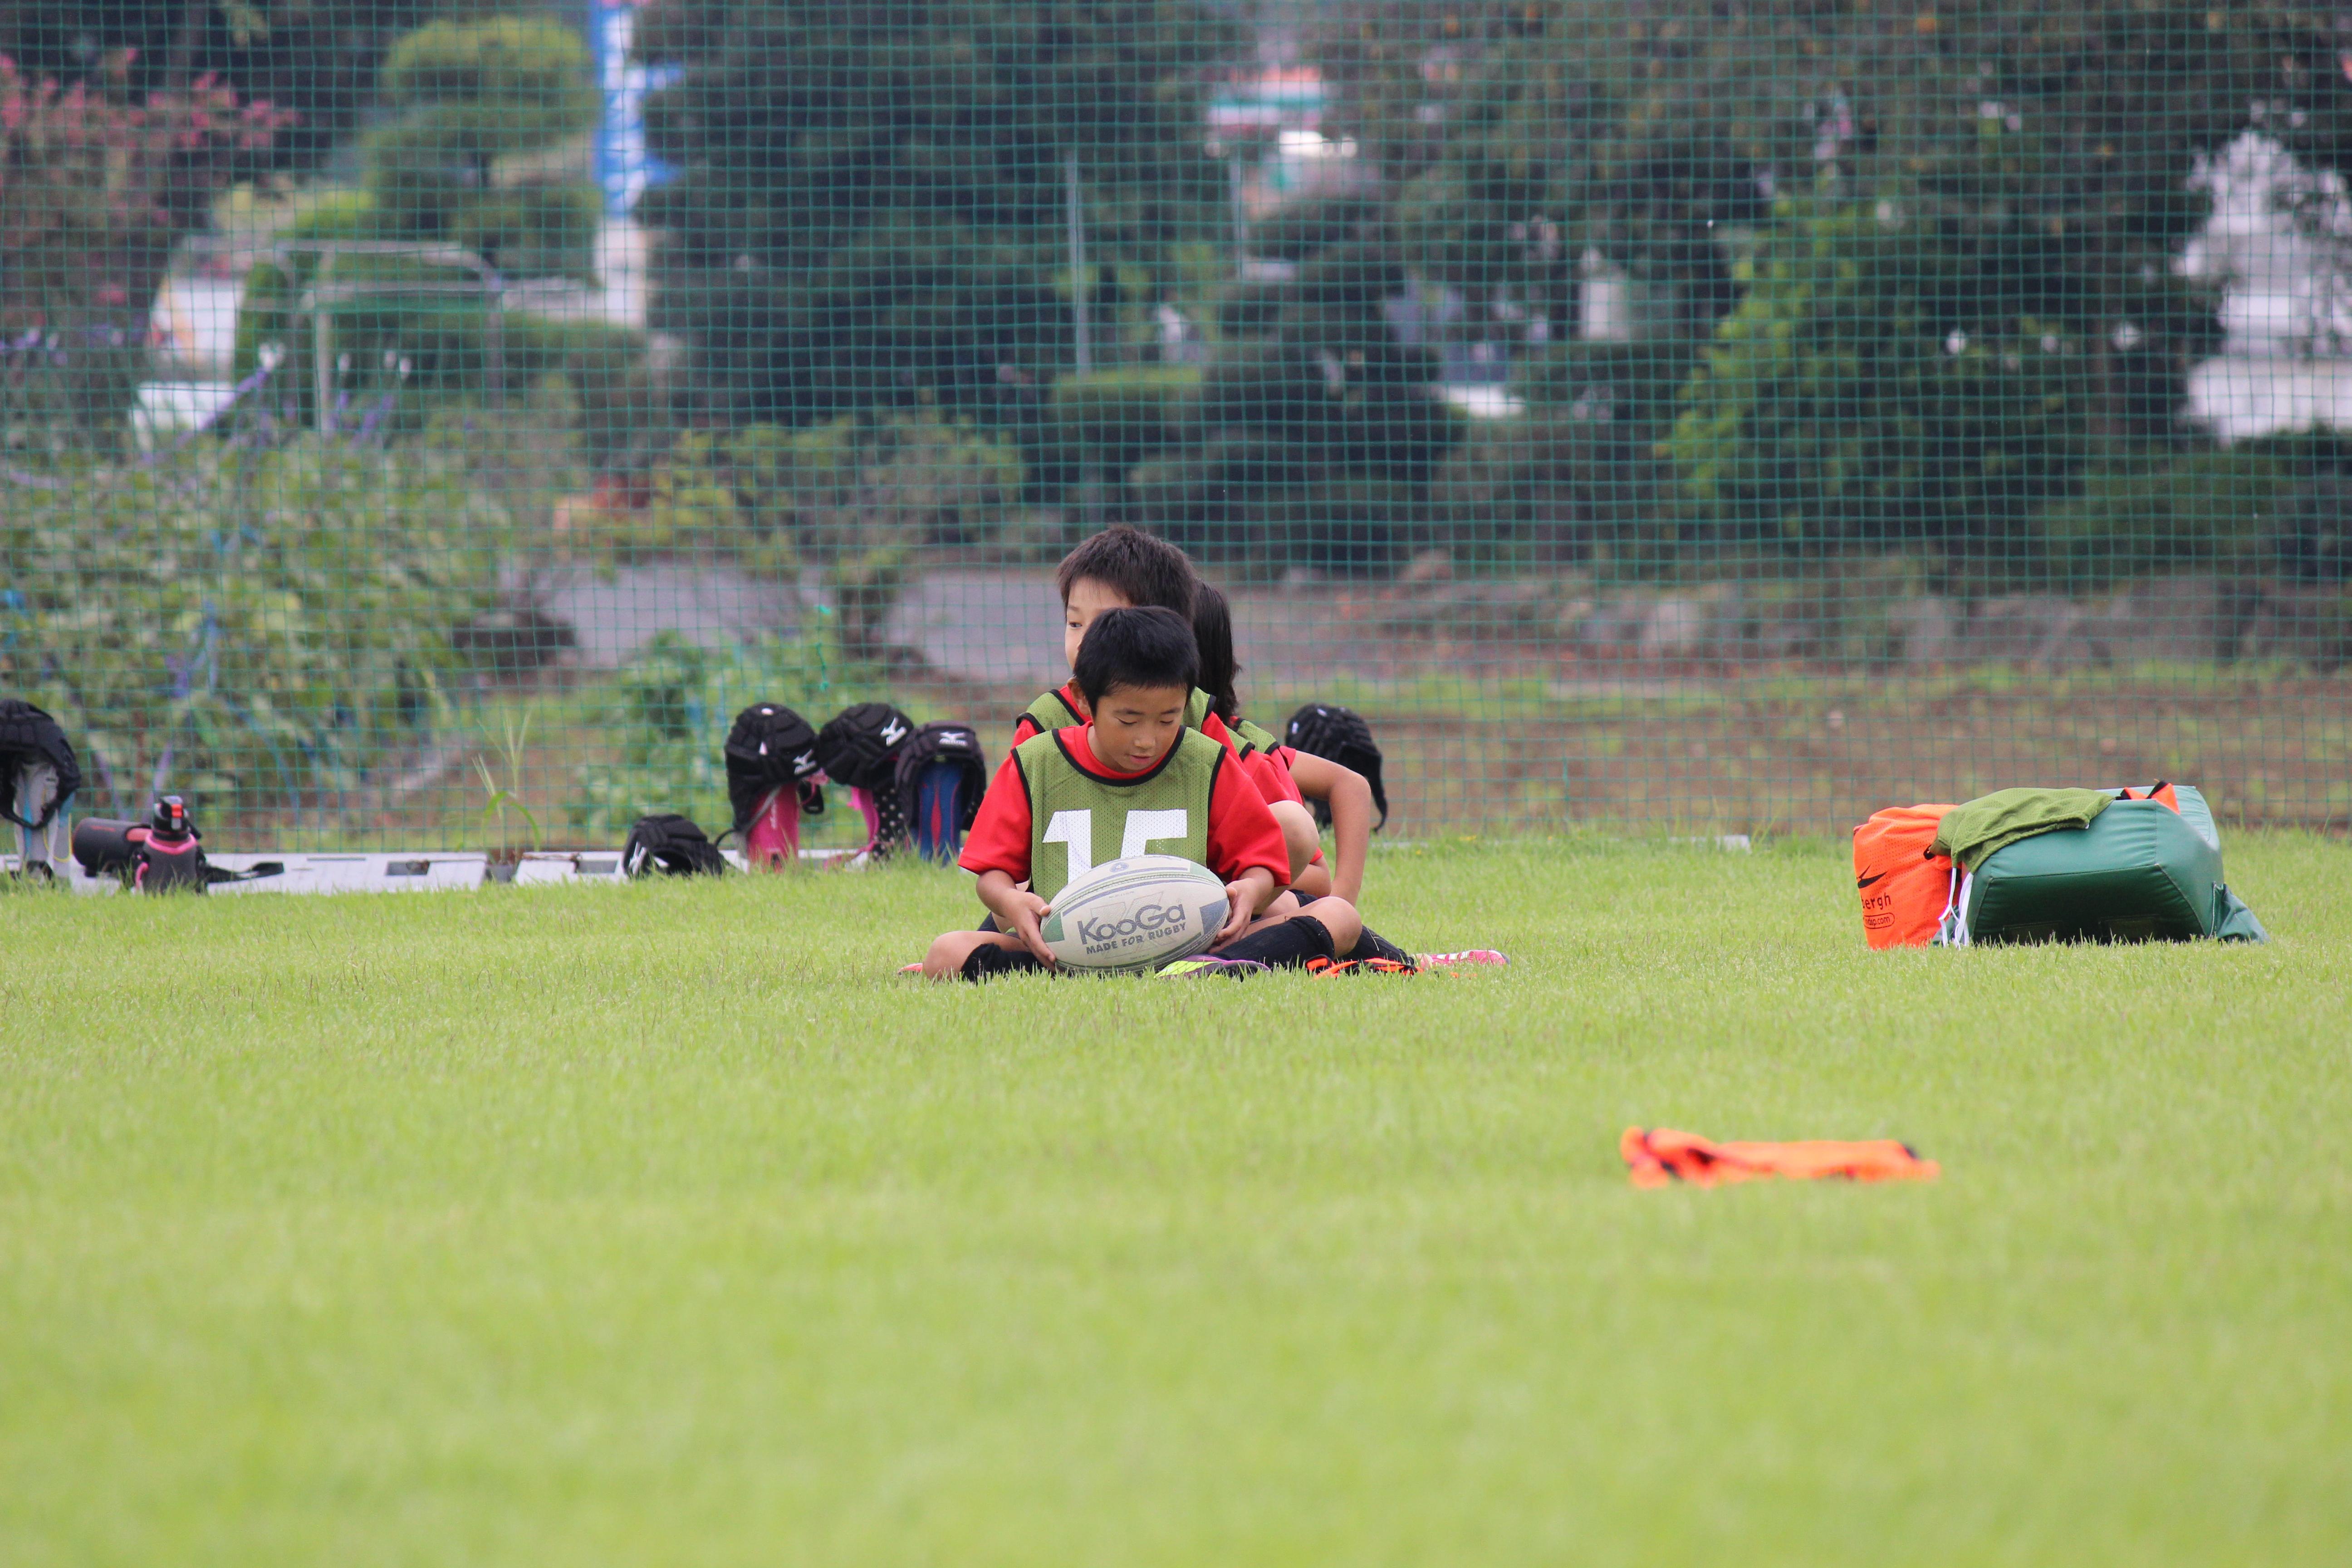 一般社団法人 深谷スポーツクラブ